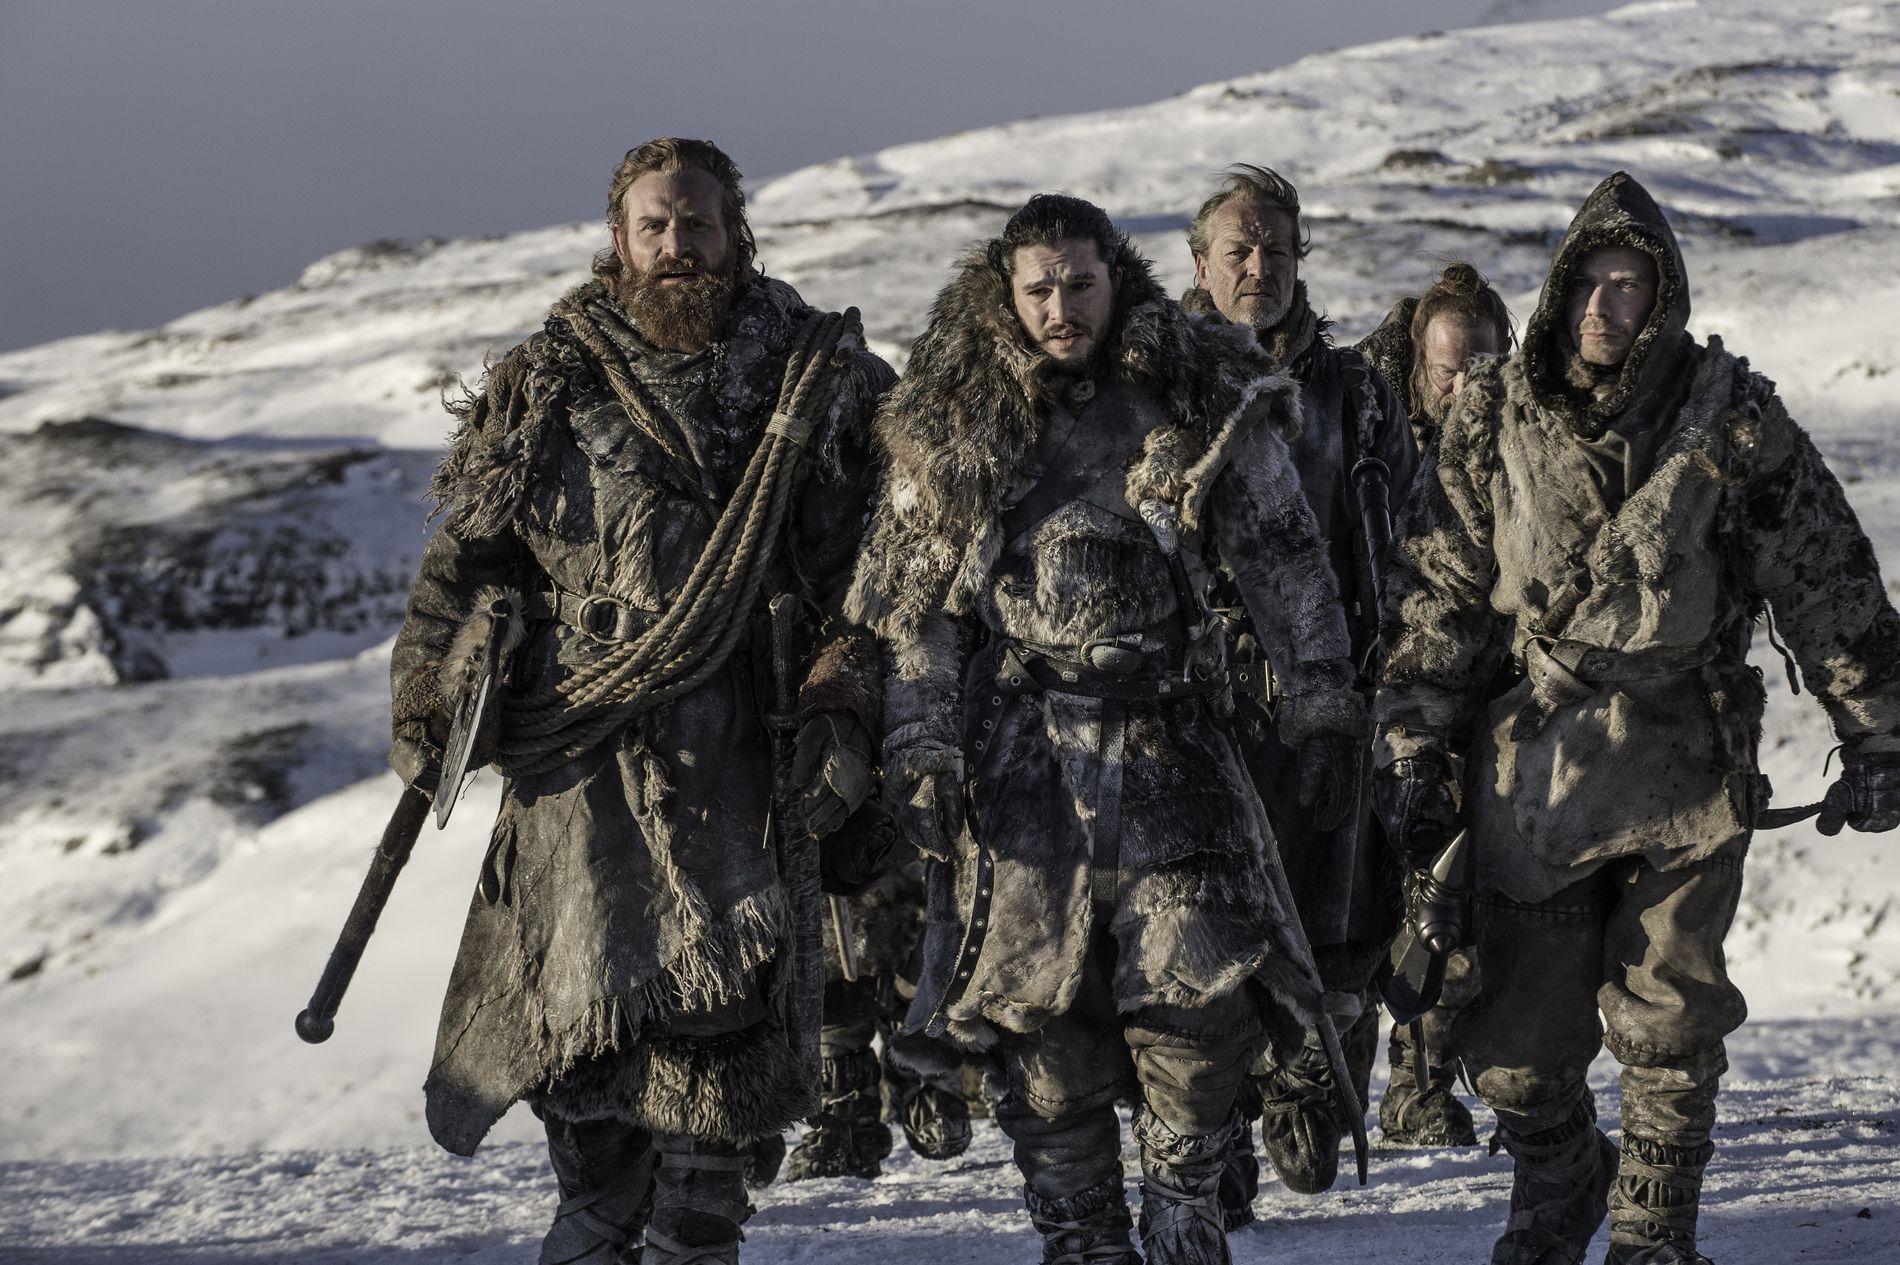 REDDE VERDEN: Tormund Giantsbane på vei til å prøve å redde verden sammen med blant andre Jon Snow, Jorah Mormont og Gendry i sesong 7.